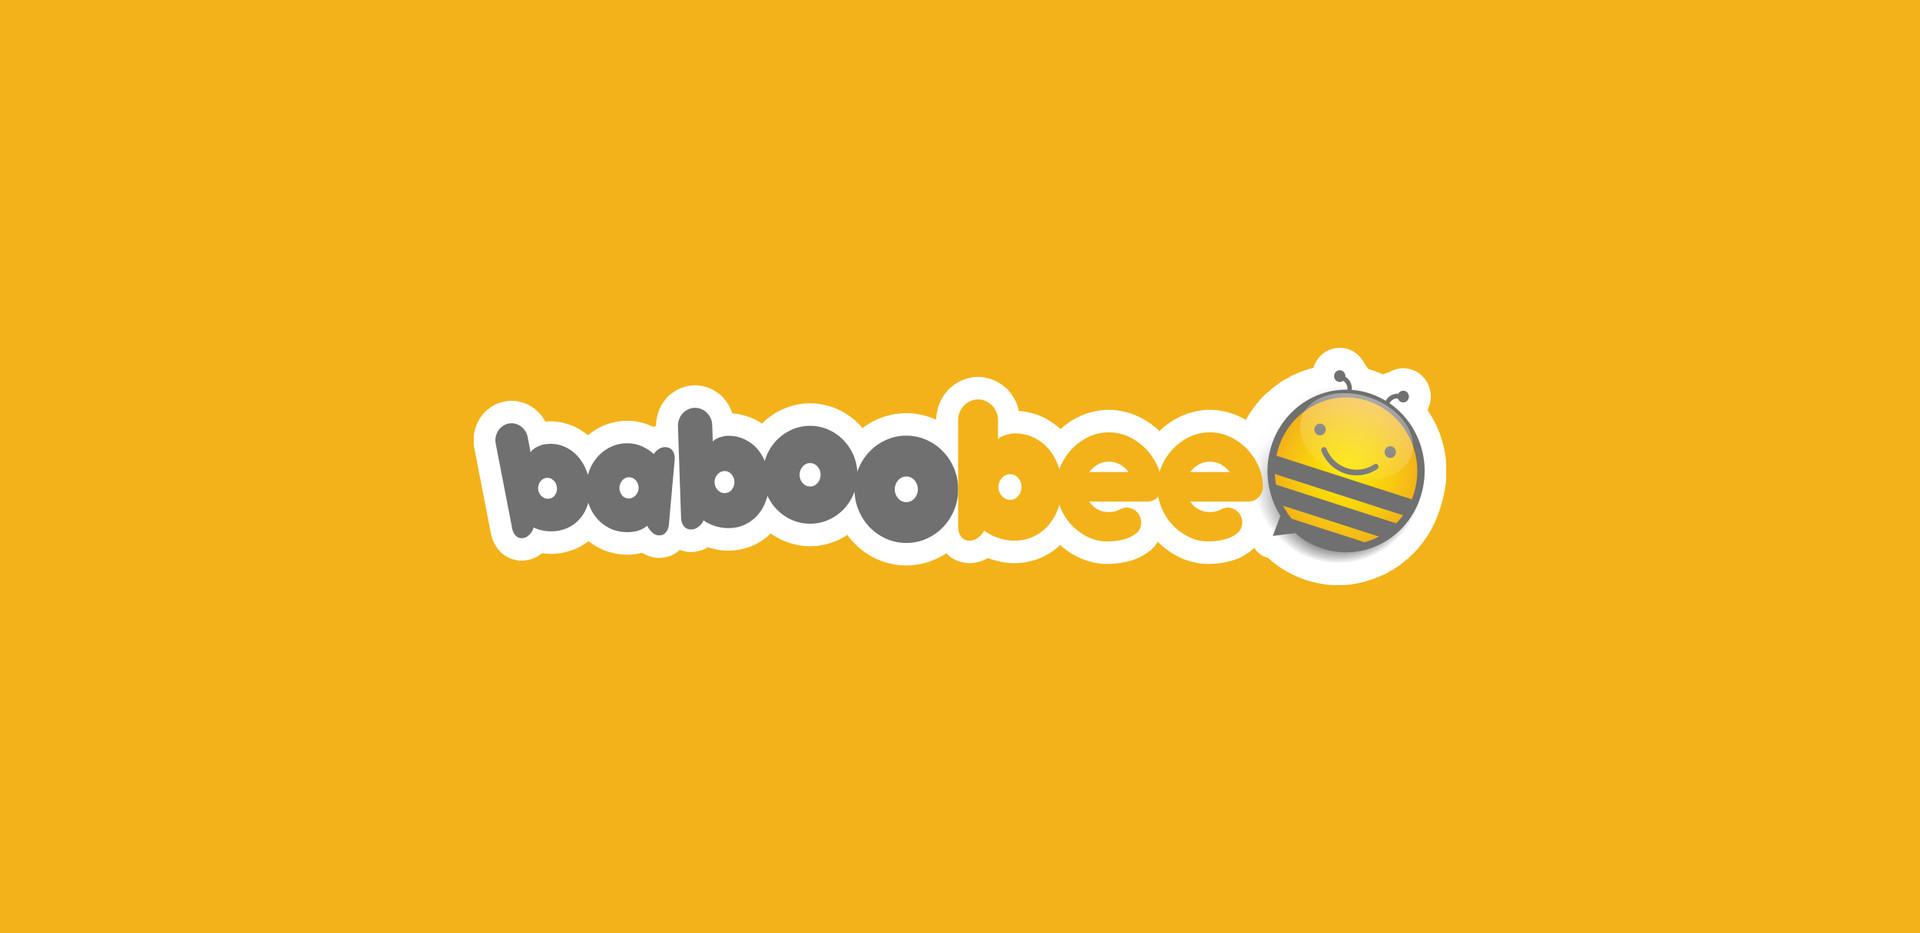 Desenvolvimento da Marca Baboobee